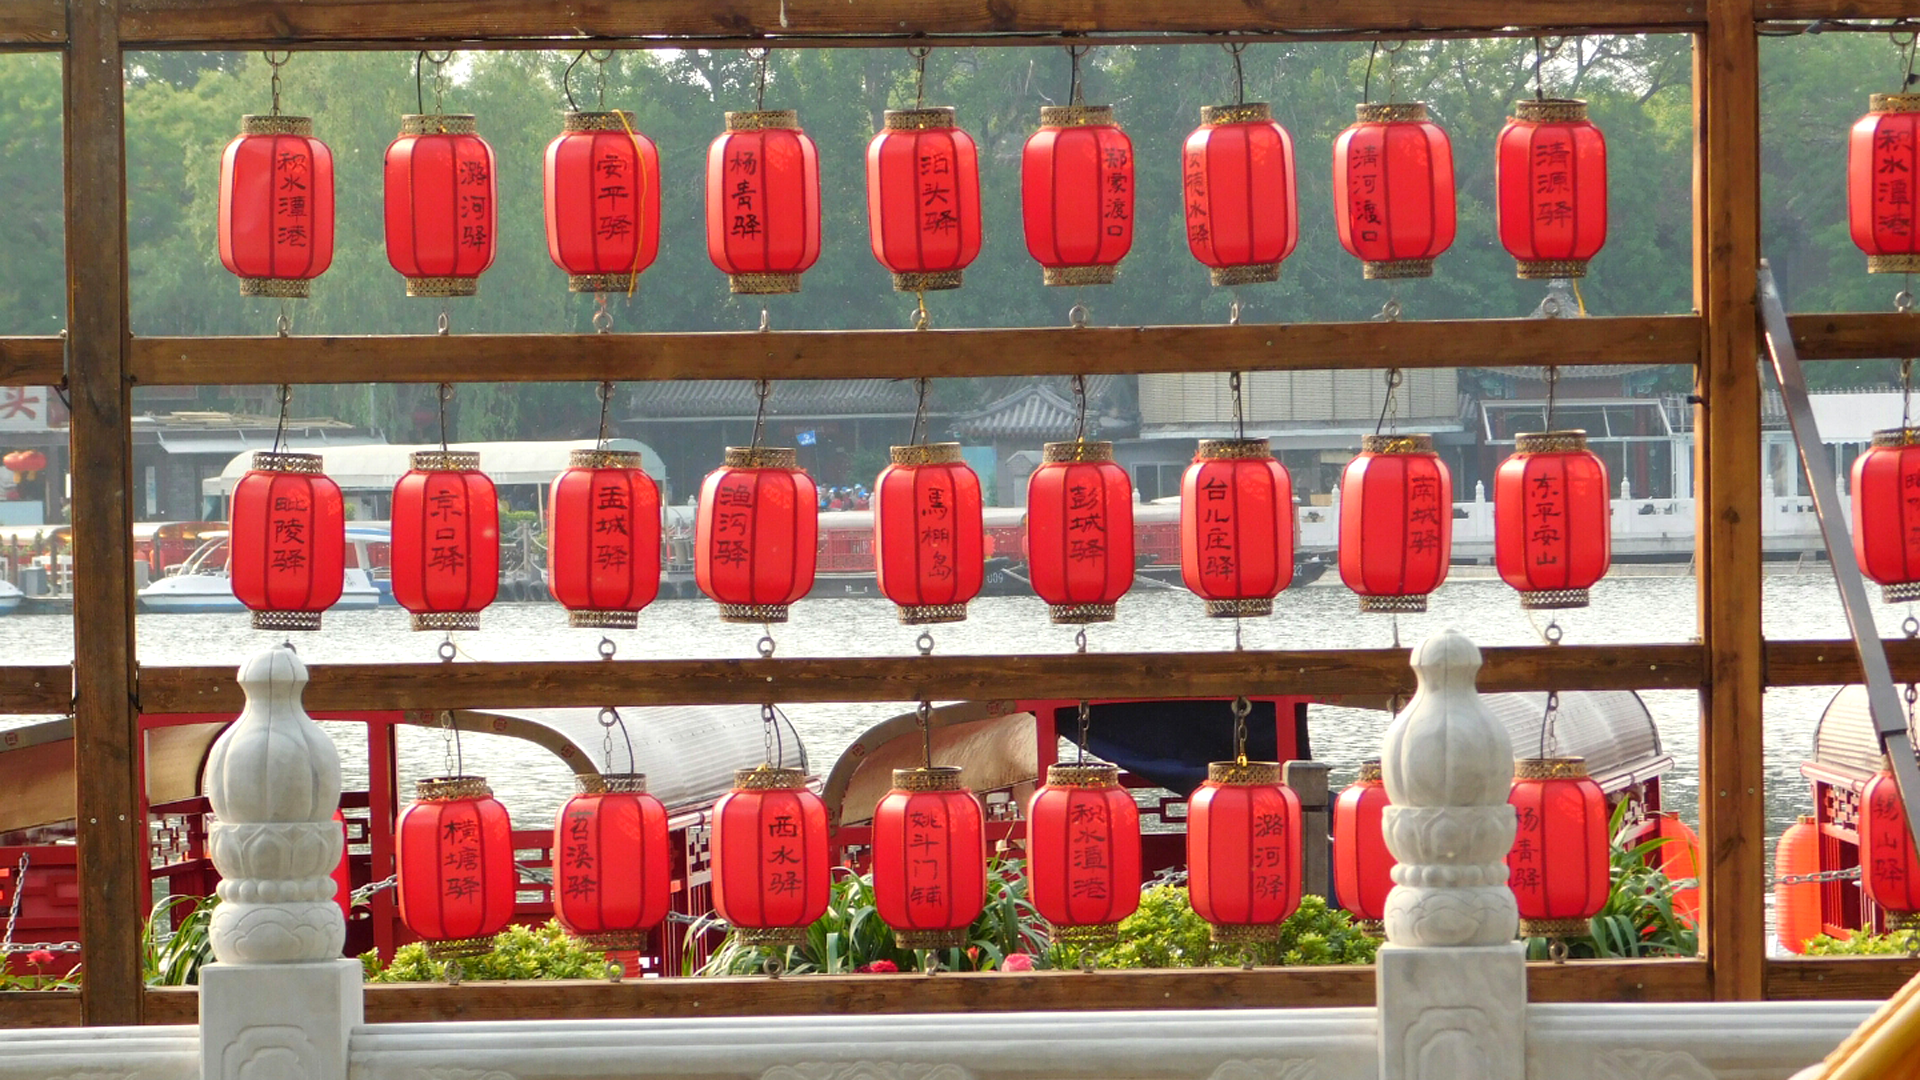 Hübsche Lampions als Dekoration eines Cafés am Qianhai